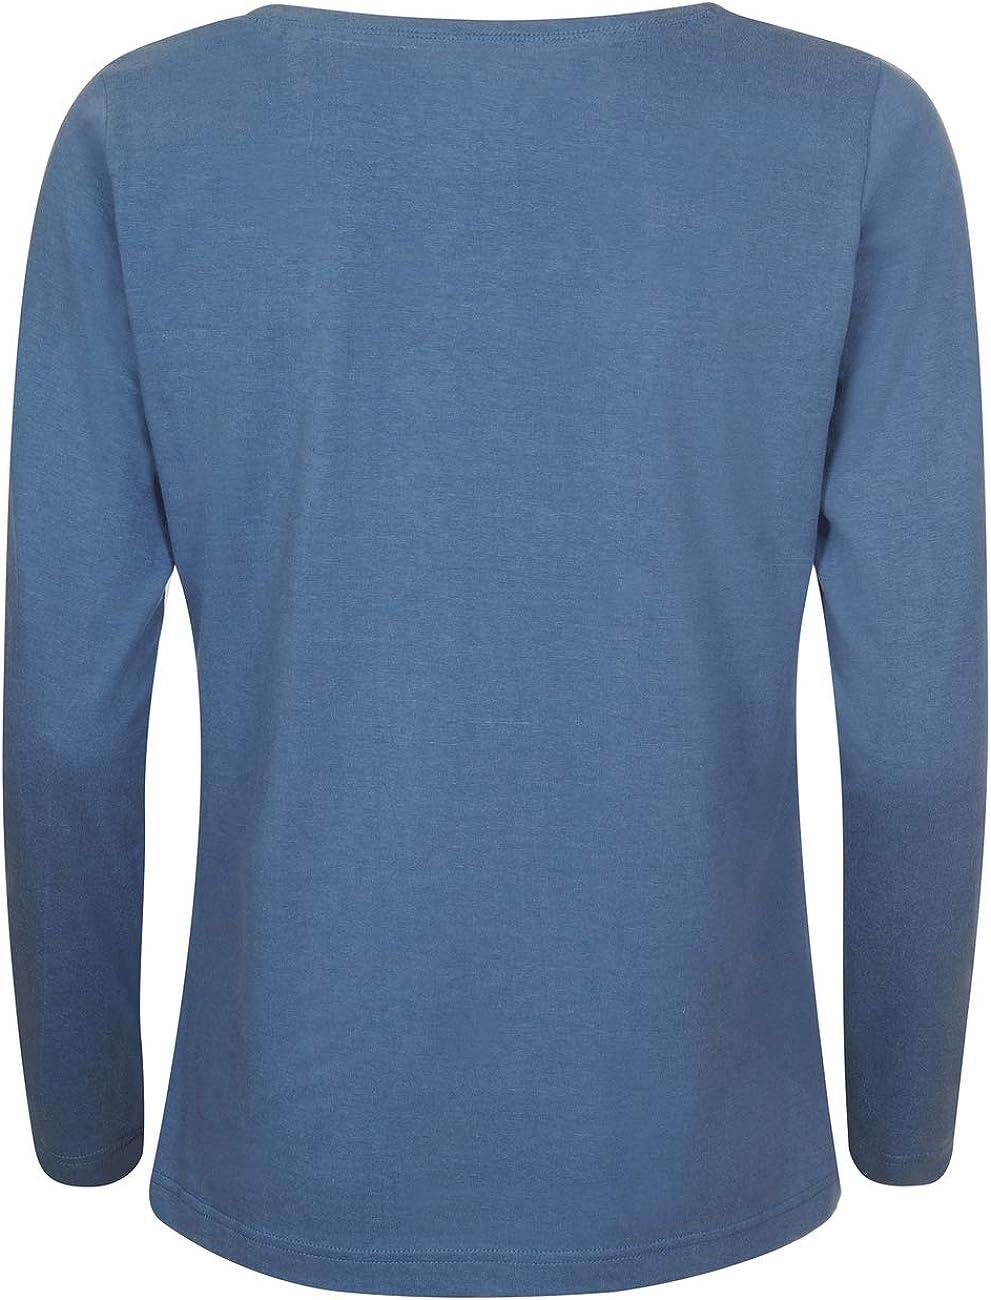 Elkline Damen Langarm Shirt Stillwater